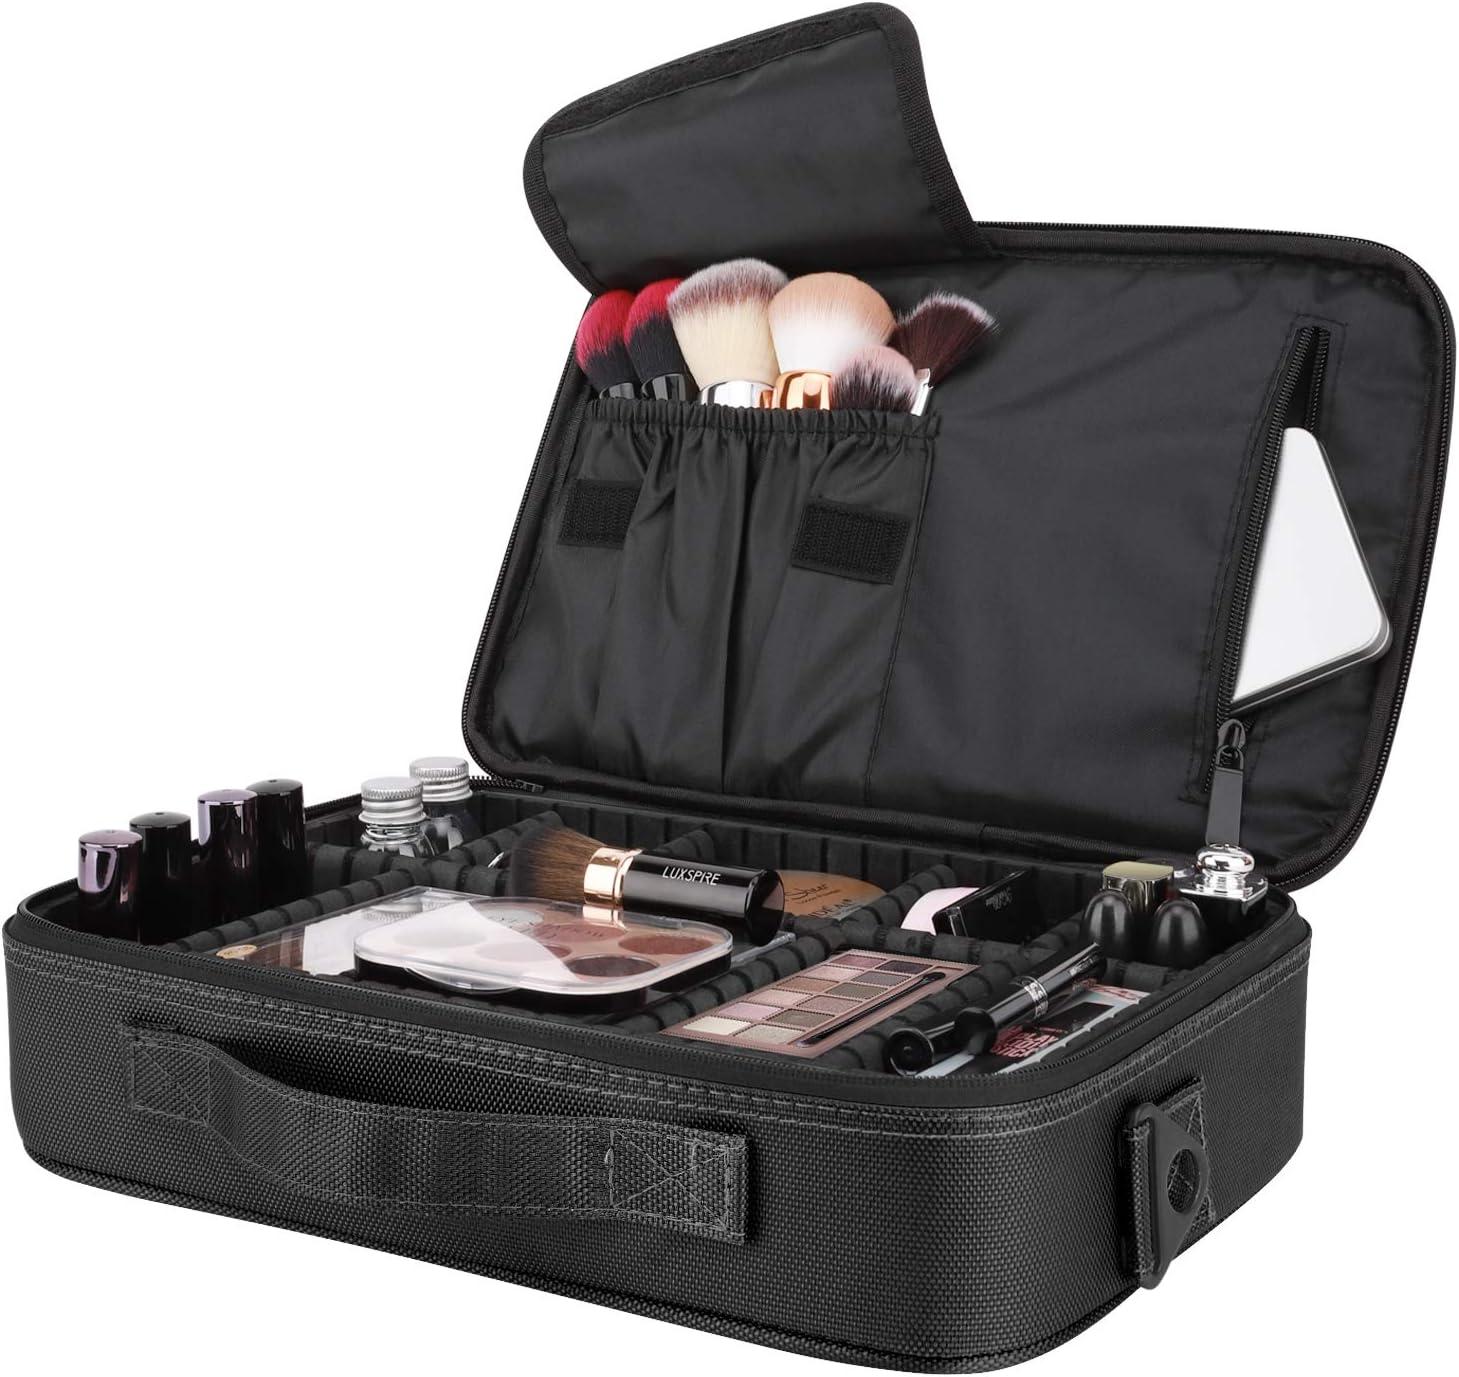 Wind Took Trousse De Toilette Sac /à Rangement Organisateuer Maquillage Cosm/étique Suspendu avec Multi Couleurs pour Hommes et Femmes